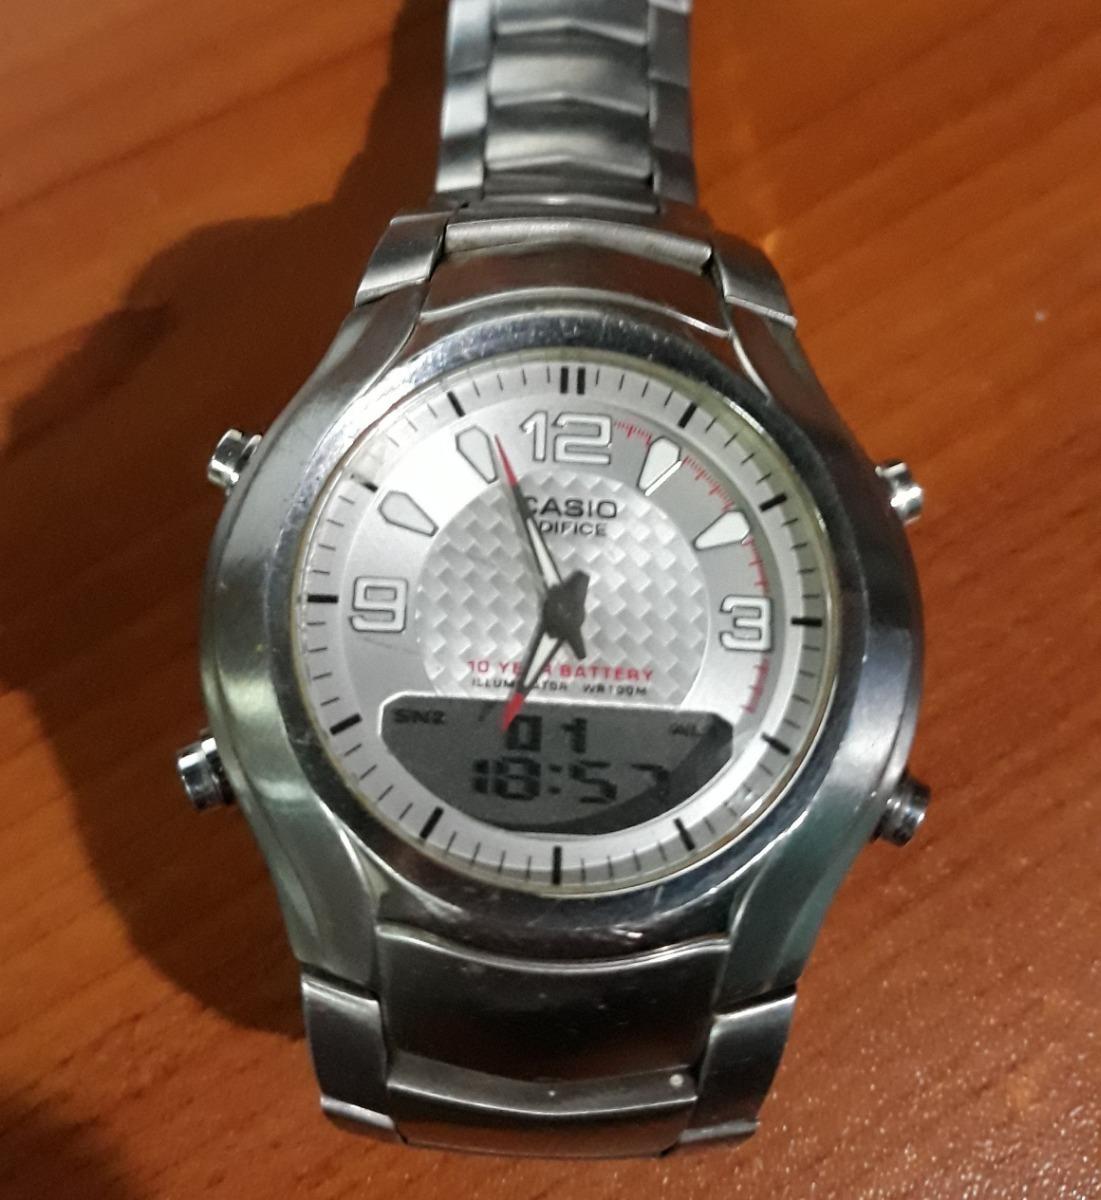 112 Cta Telememo Casio Efa Reg Reloj Crono 3 Alarmas Edifice 3RLqc5A4Sj